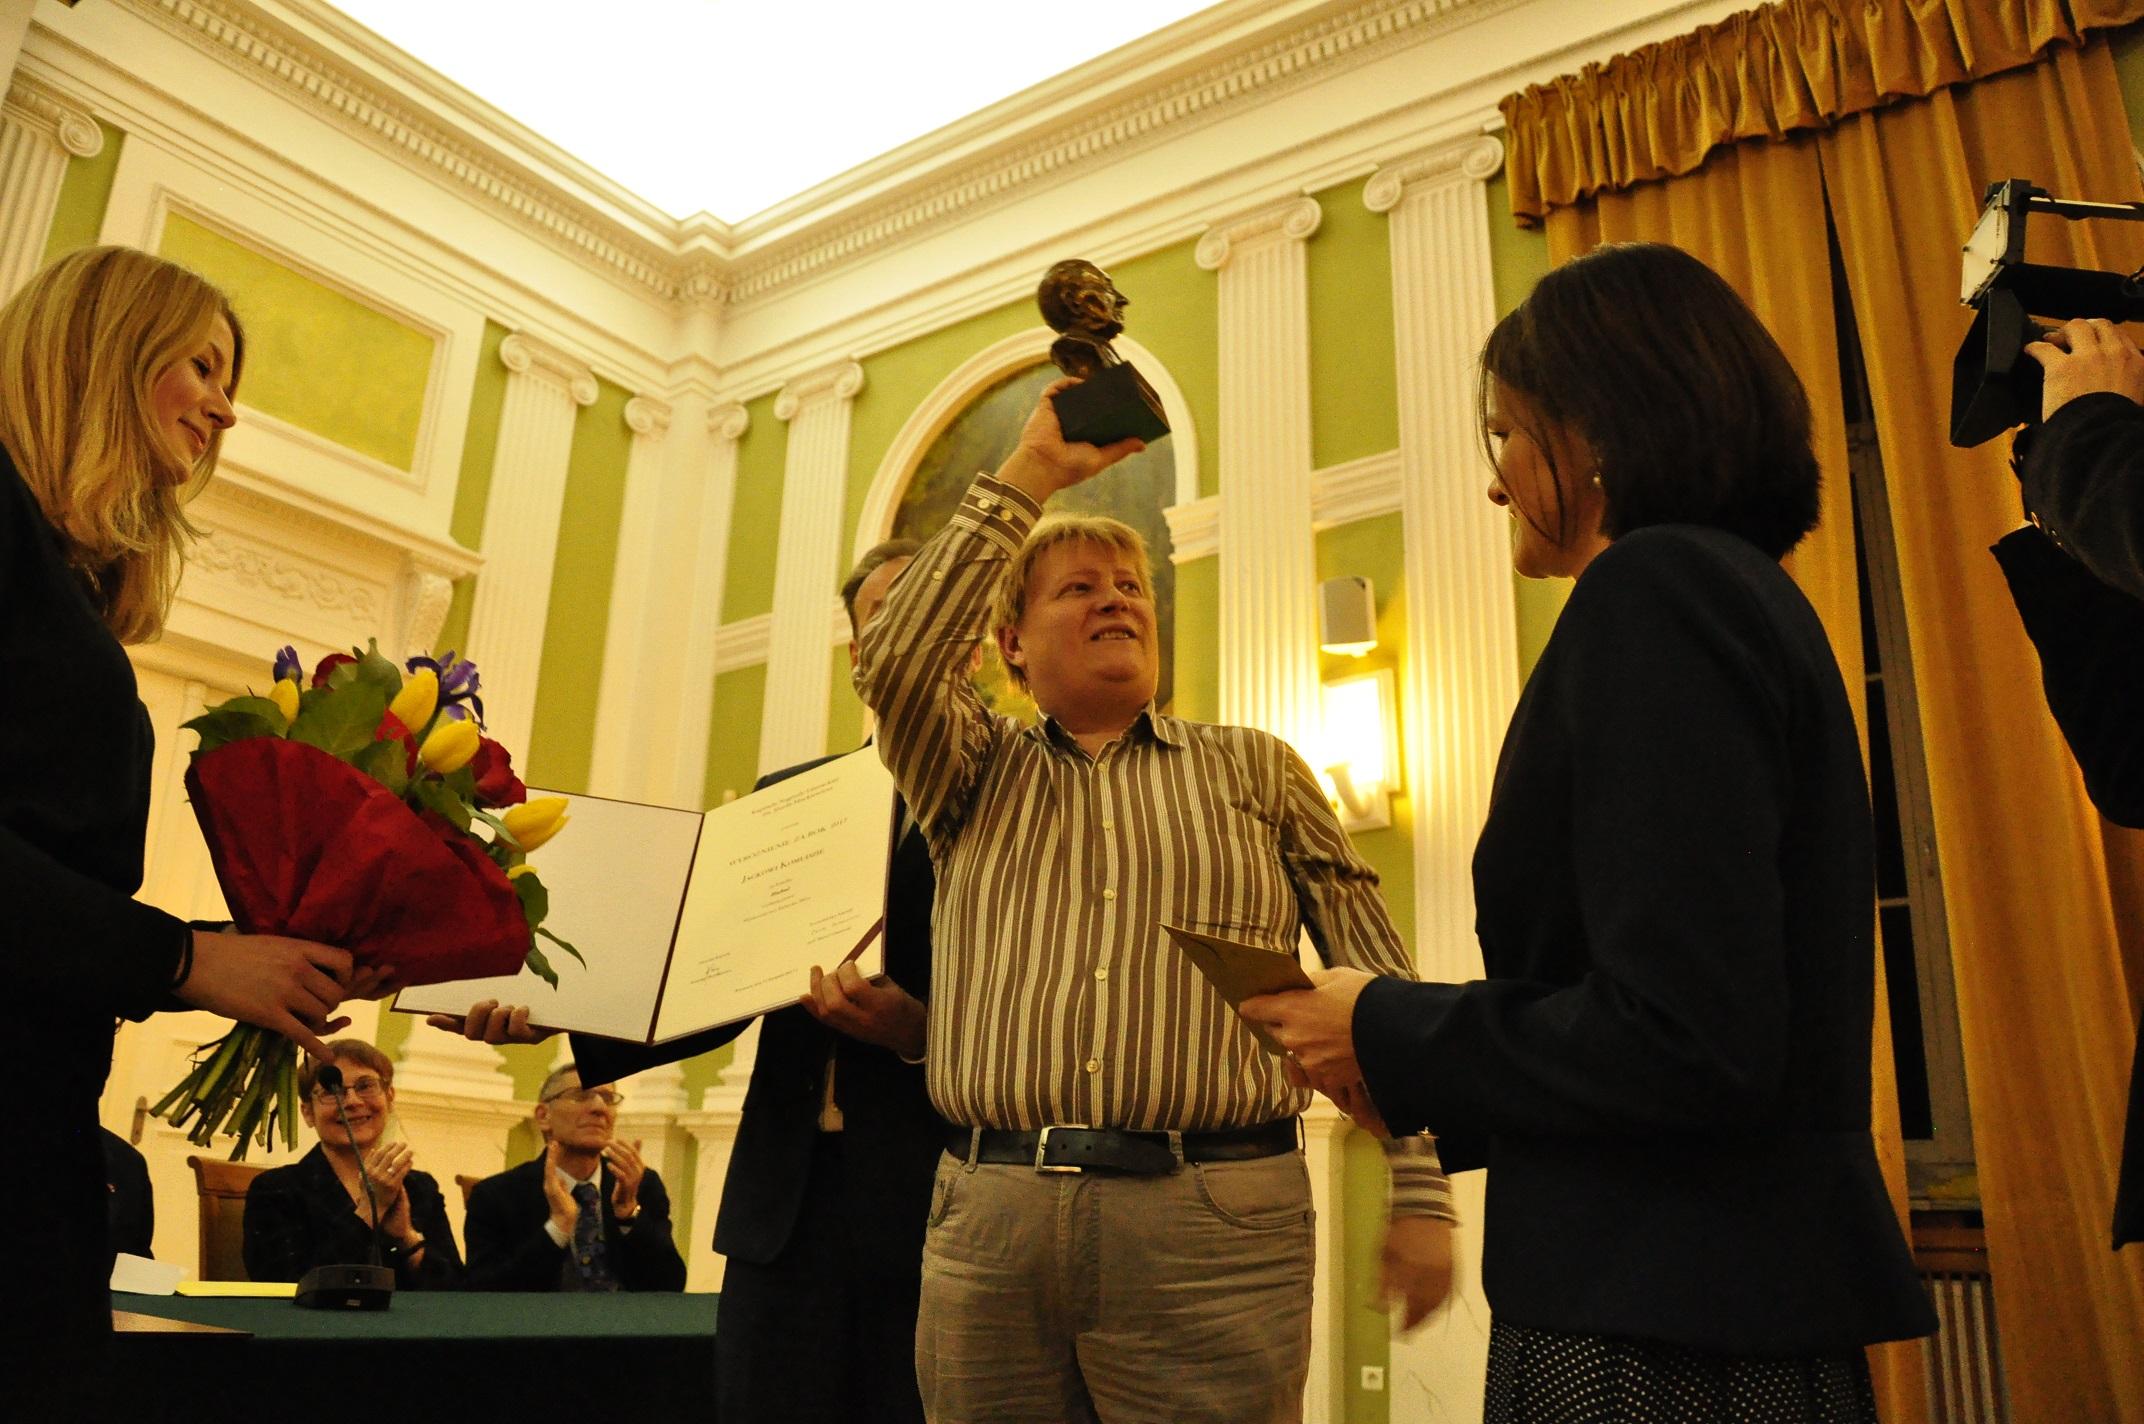 Nagroda literacka im. Józefa Mackiewicza – ufundowaliśmy wyróżnienie